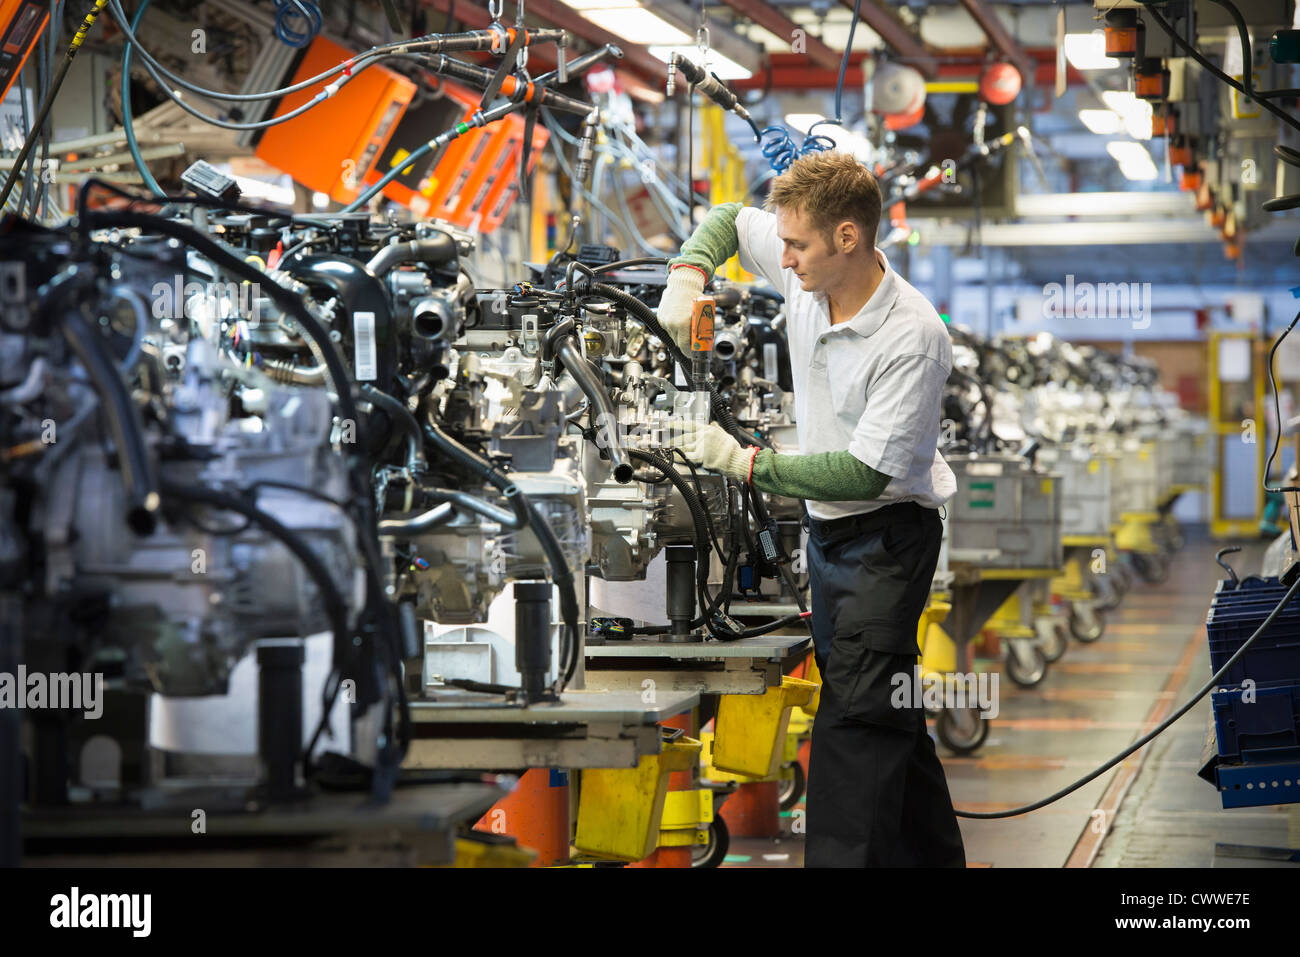 Trabajador con motores en línea de producción en la fábrica de automóviles Imagen De Stock